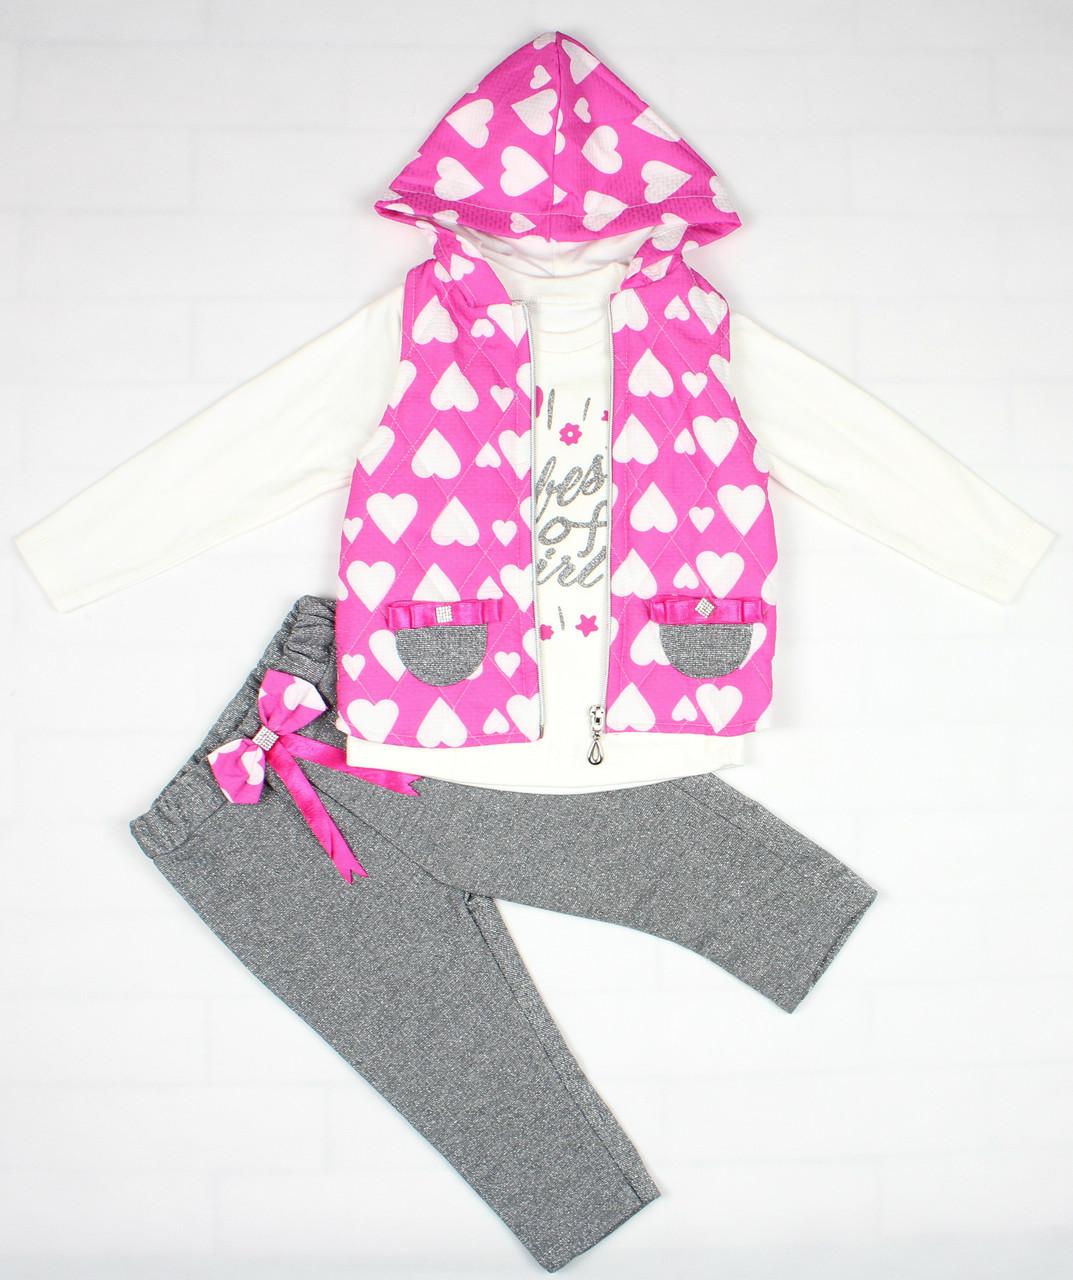 Нарядный костюм розово-серым цветом для девочки